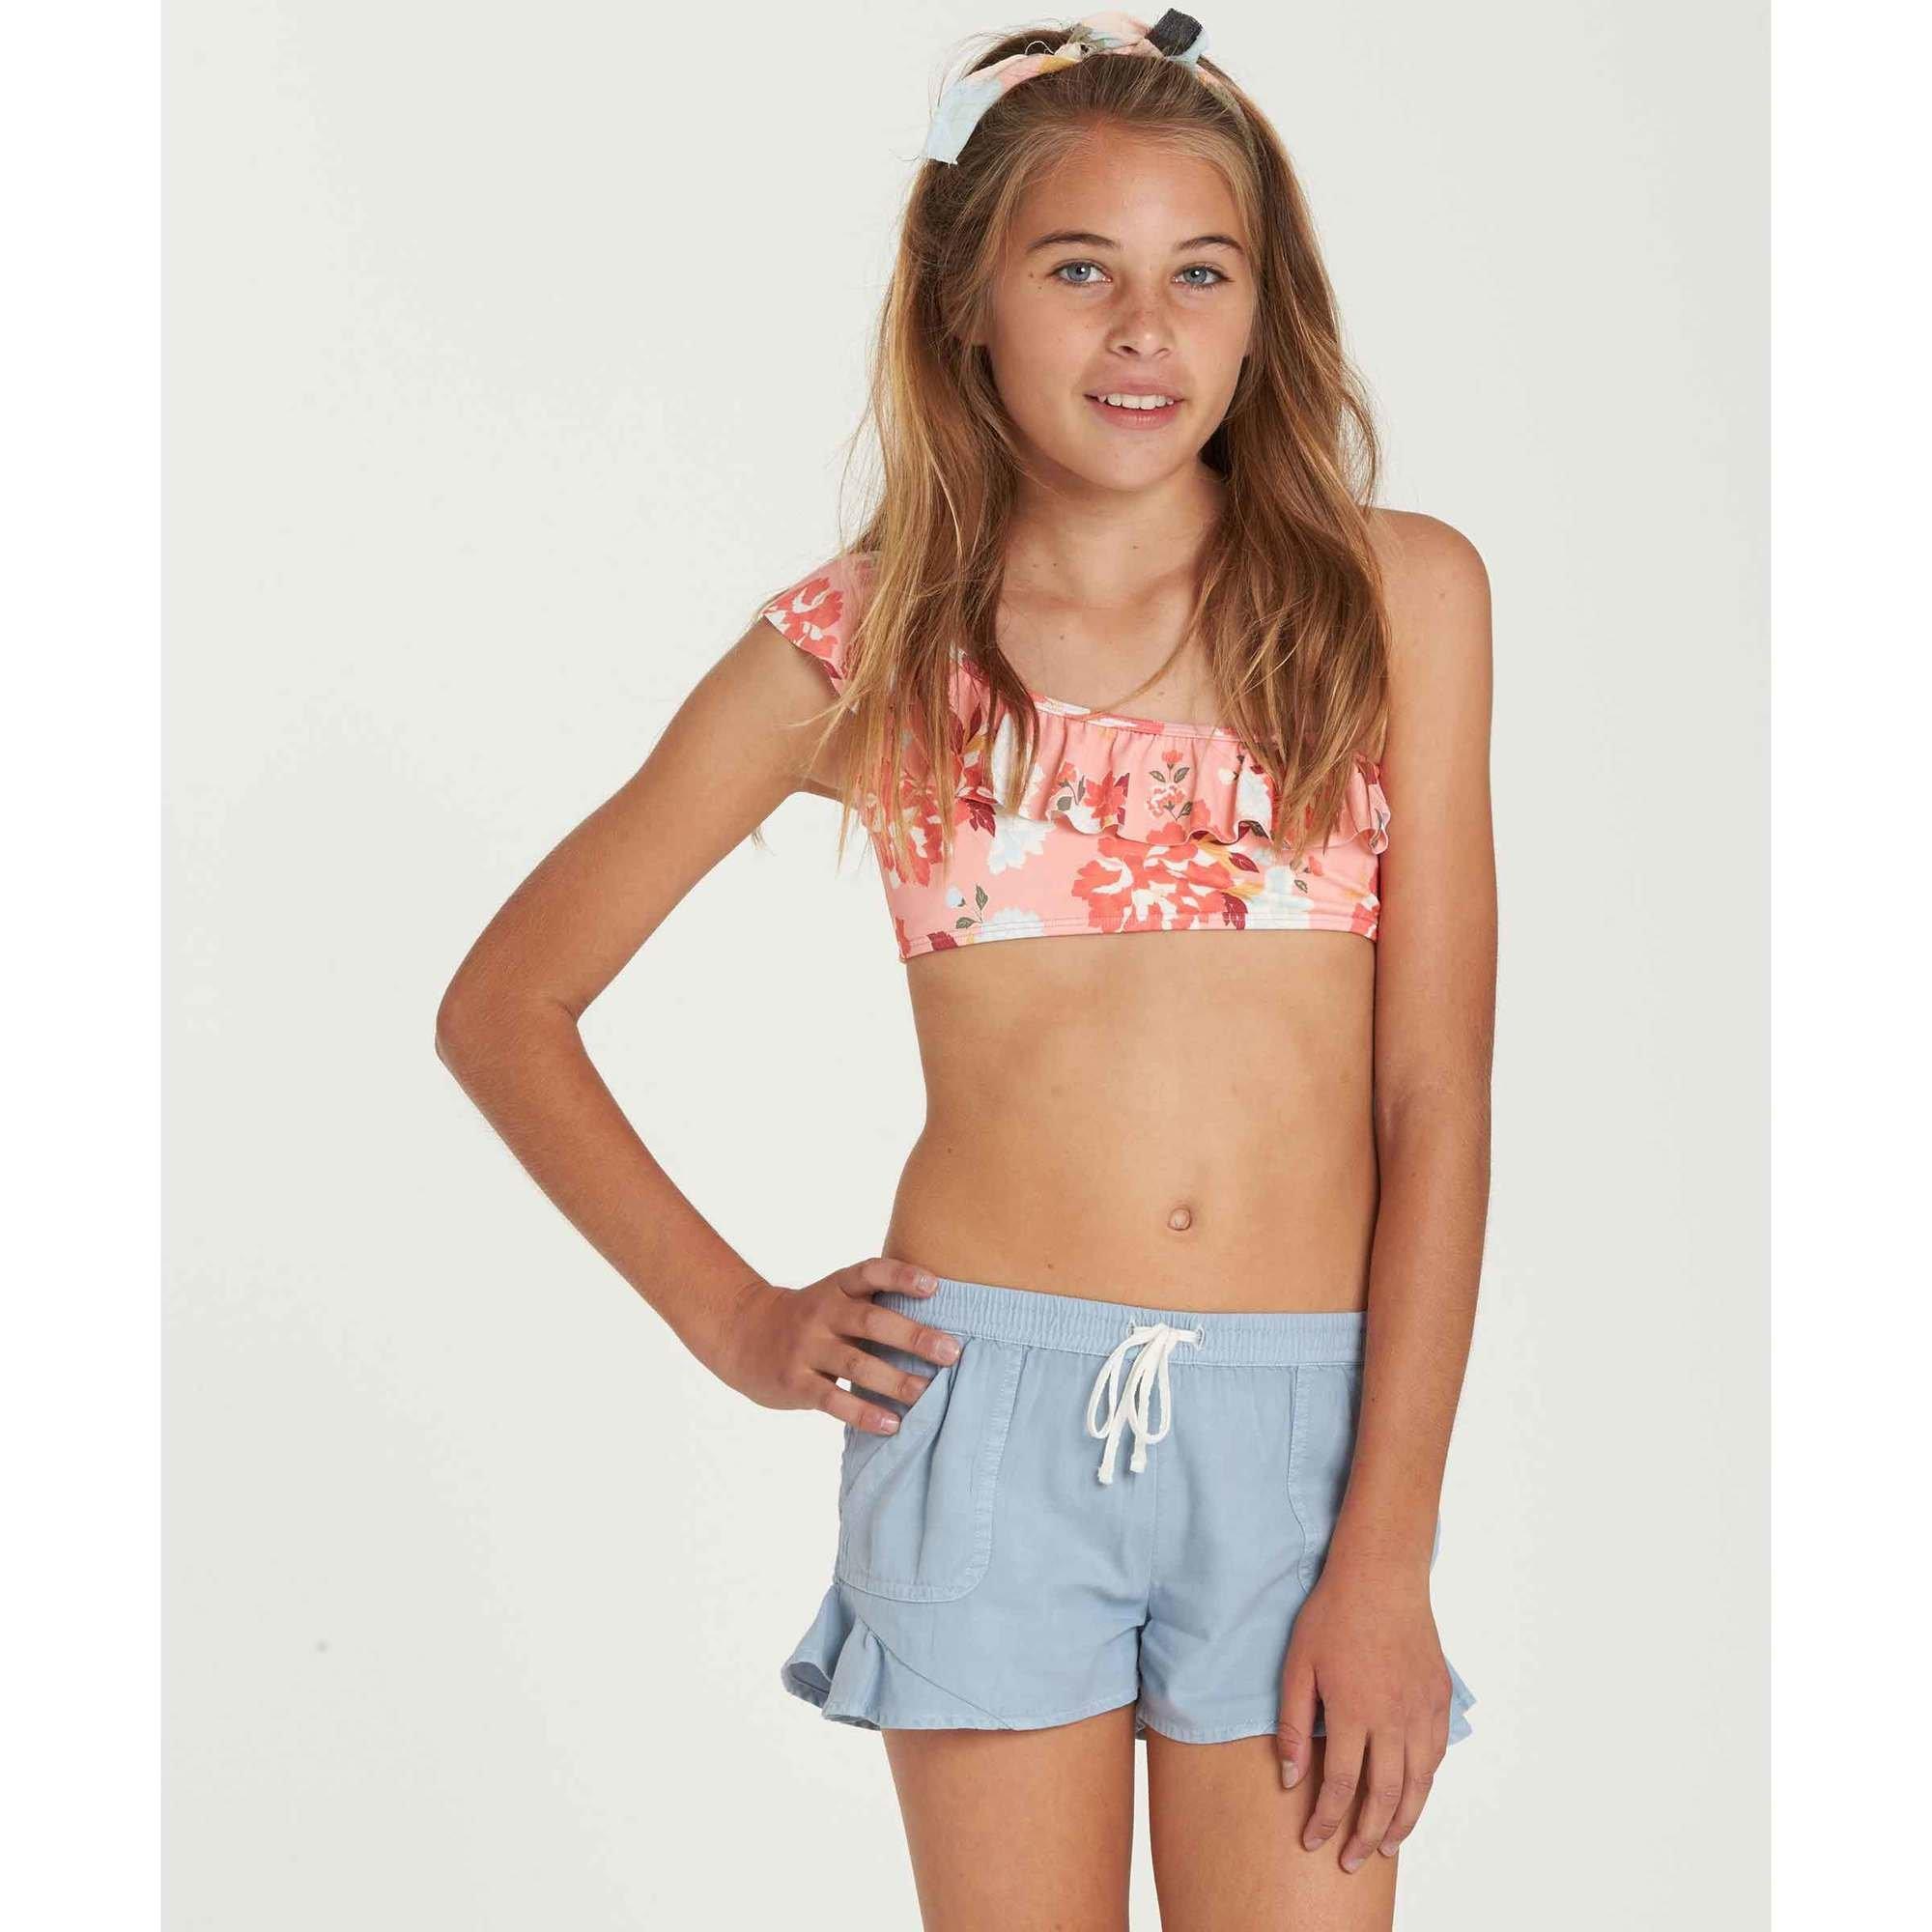 Billabong Big Girls' Mad for Summer Short, Chambray, L